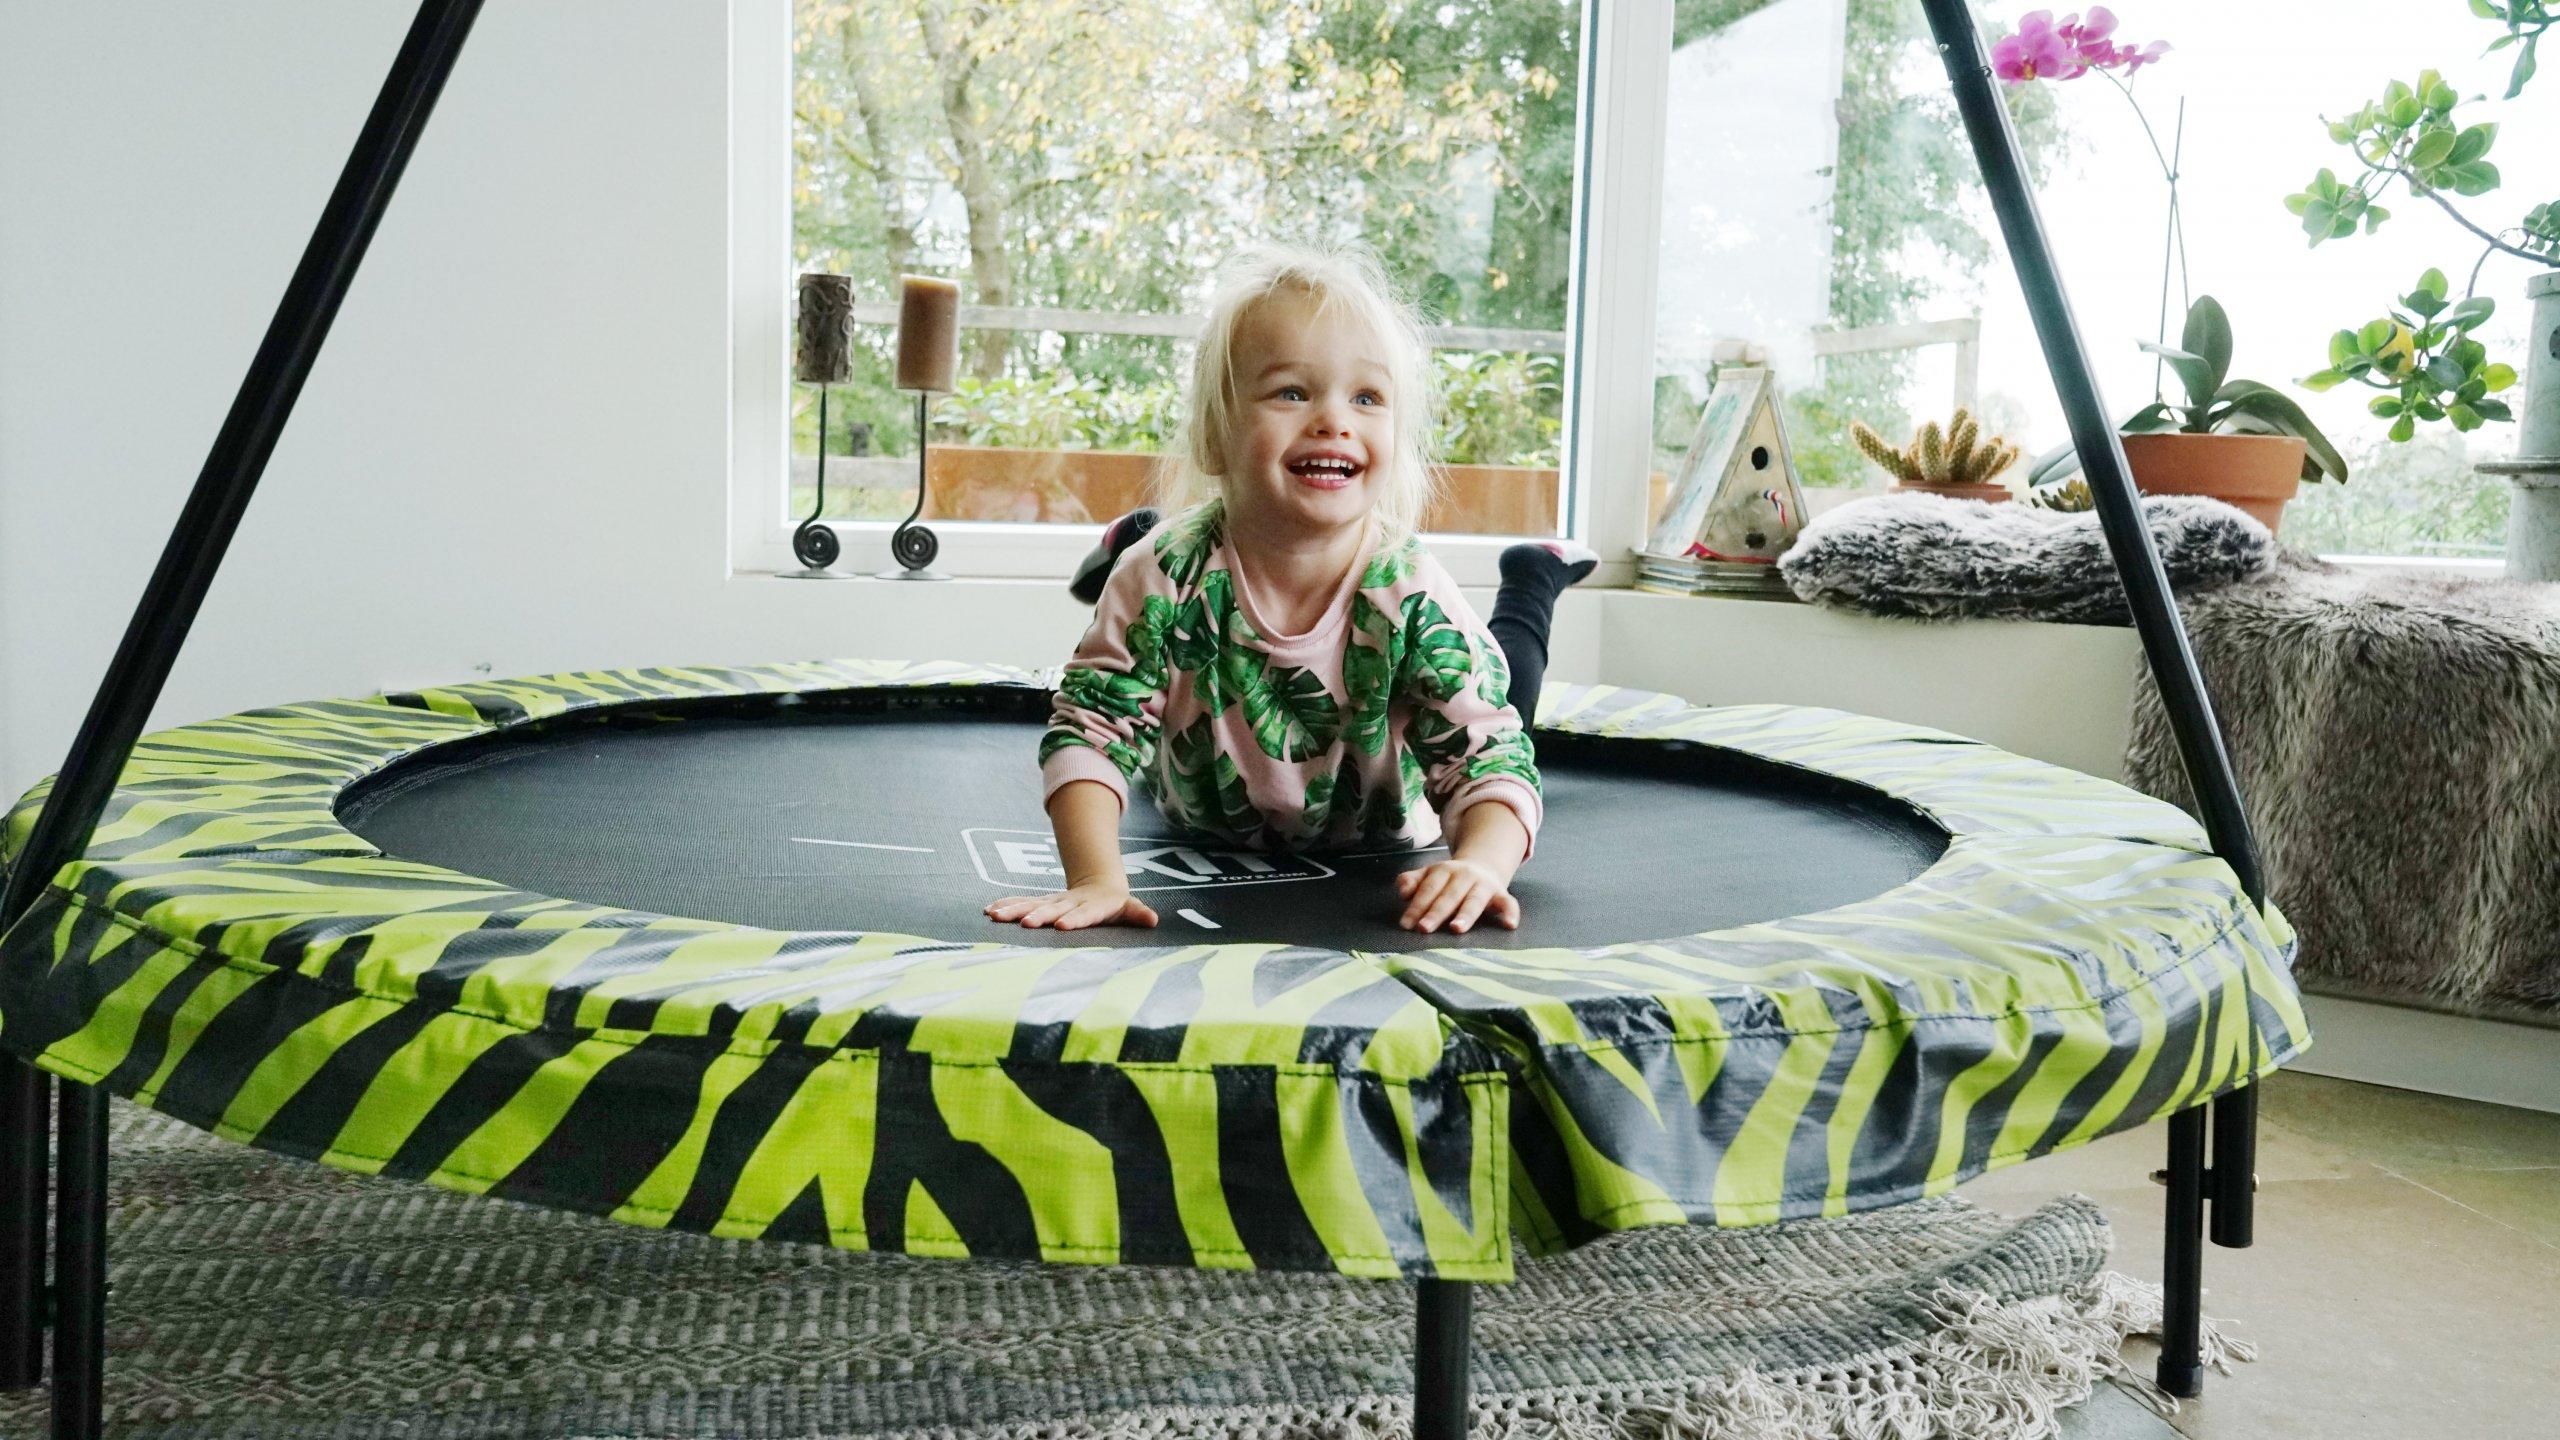 EXIT Tiggy Junior für drinnen und draußen - Kinderzimmer Trampolin - kaufen auf trampolin-profi.de